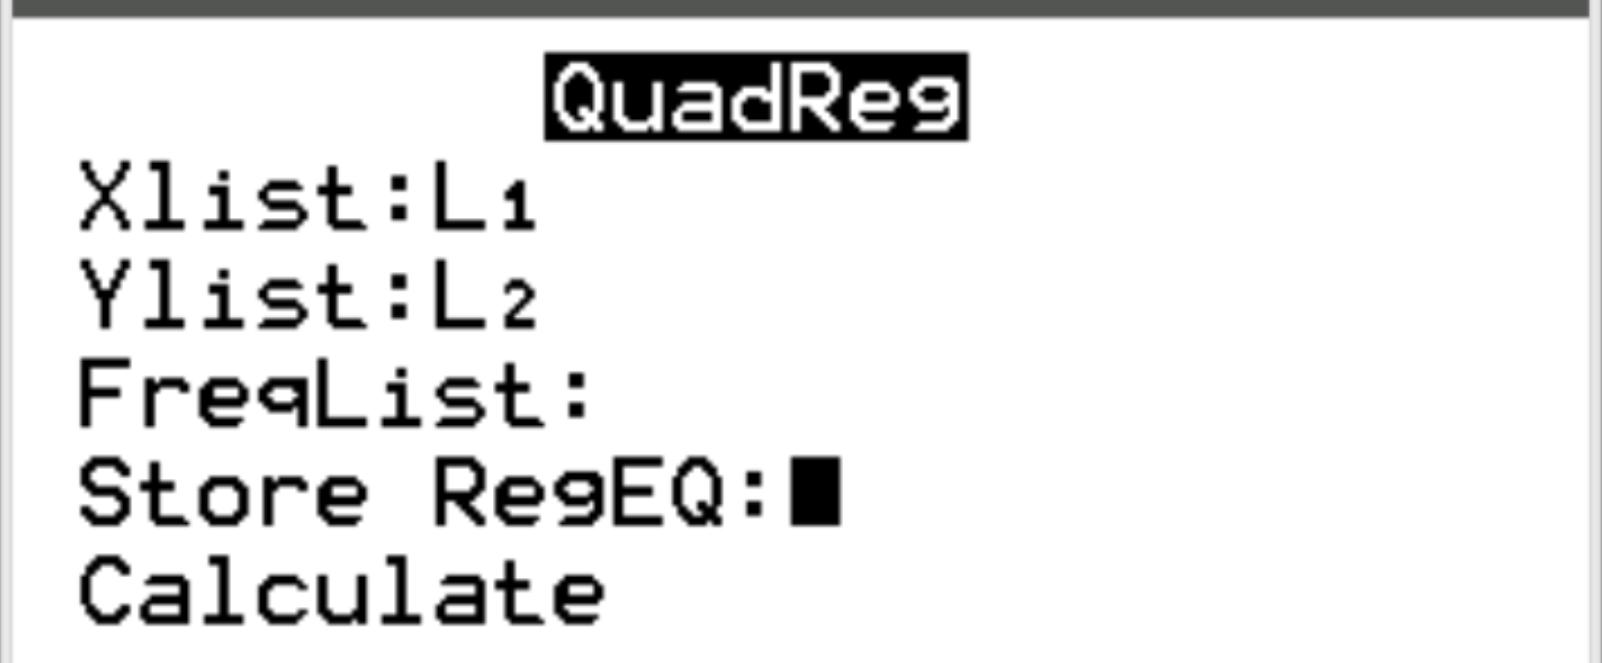 Quadratic regression example on a TI-84 calculator